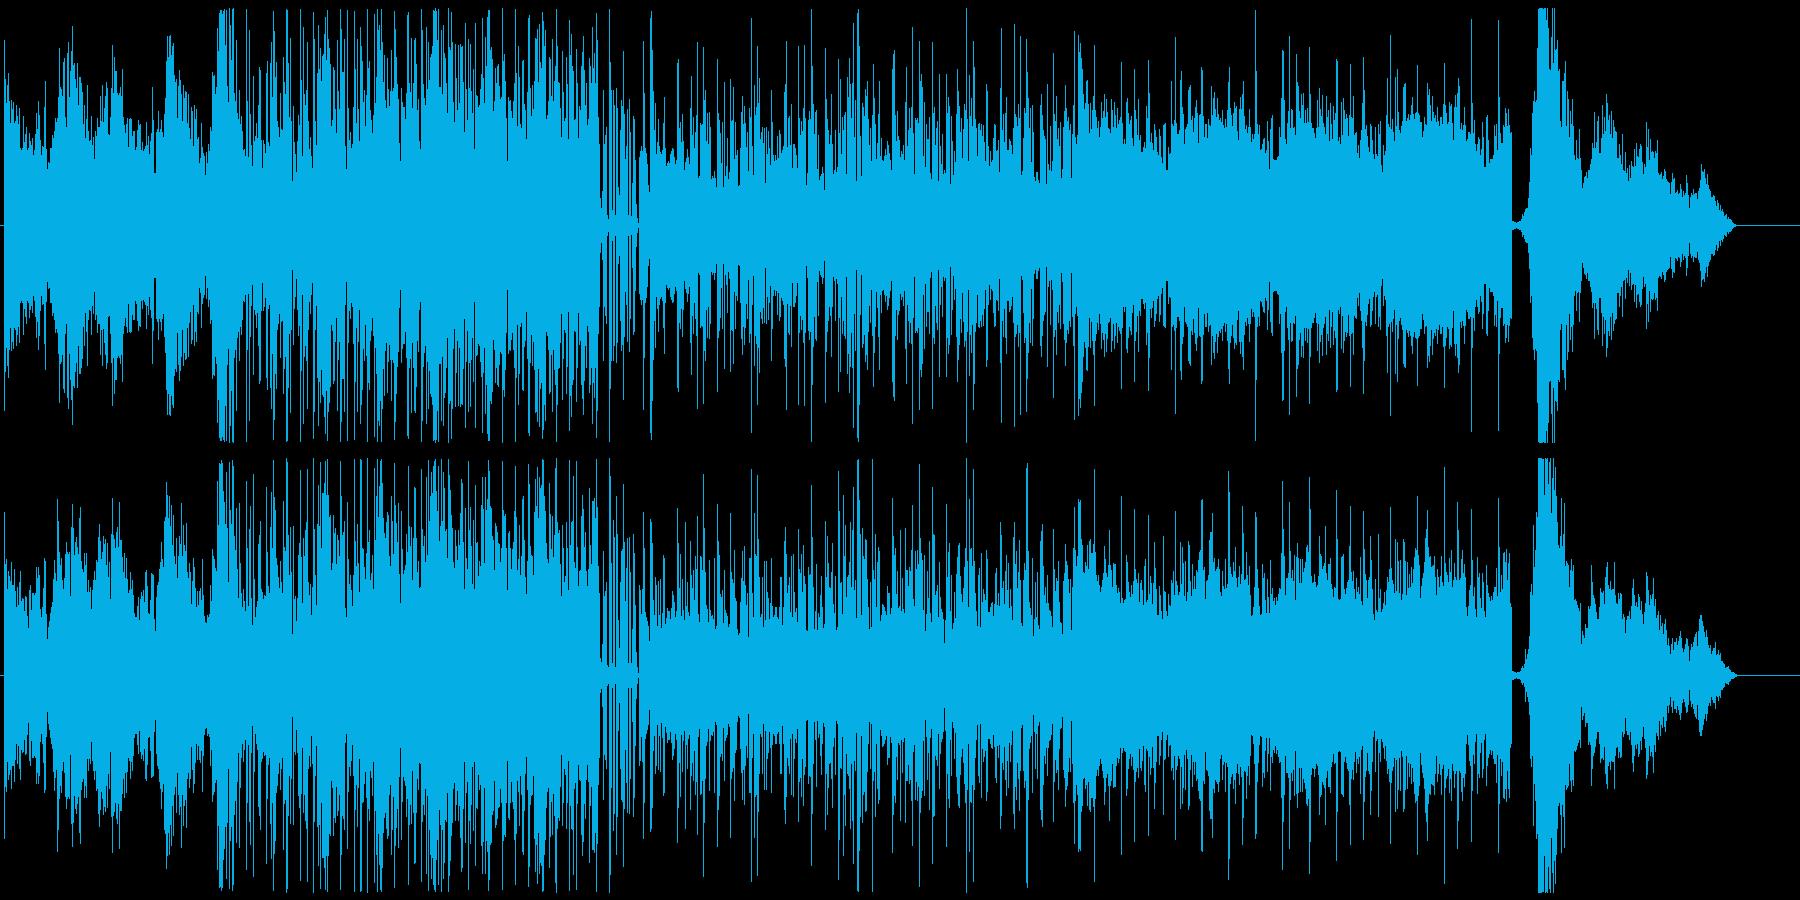 攻殻機動隊のようなエレクトロニカの再生済みの波形